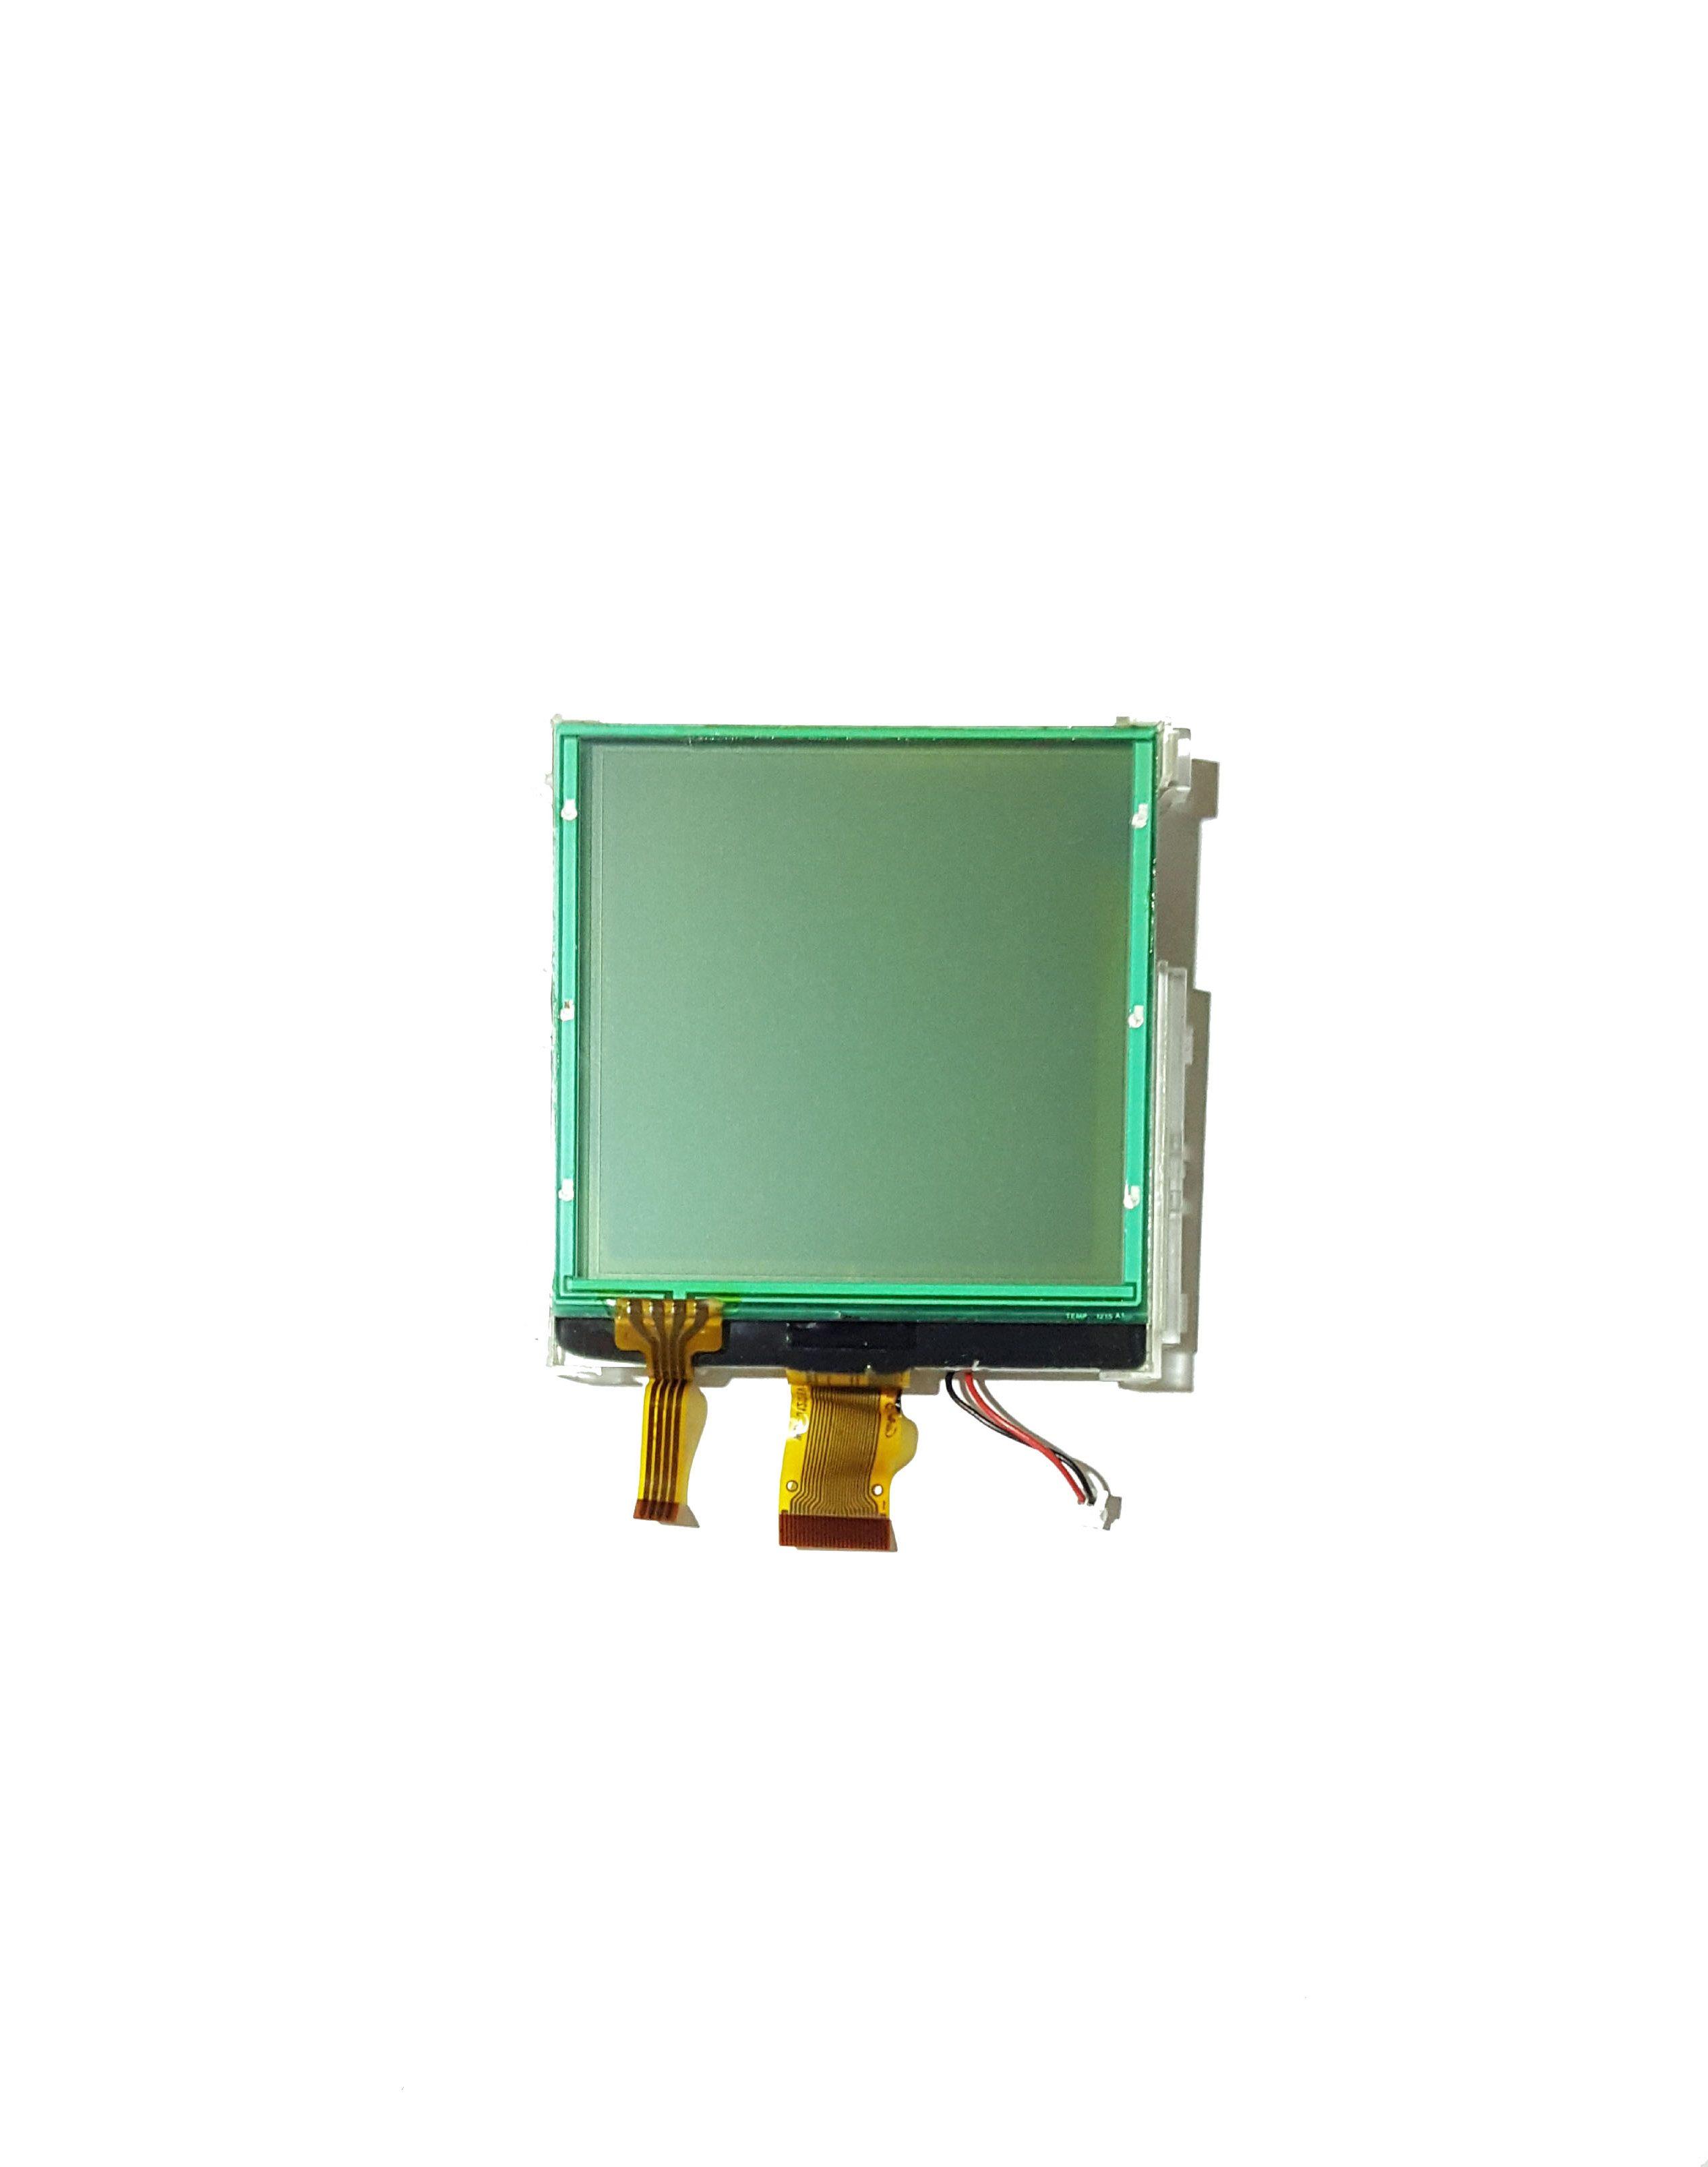 Display N8020